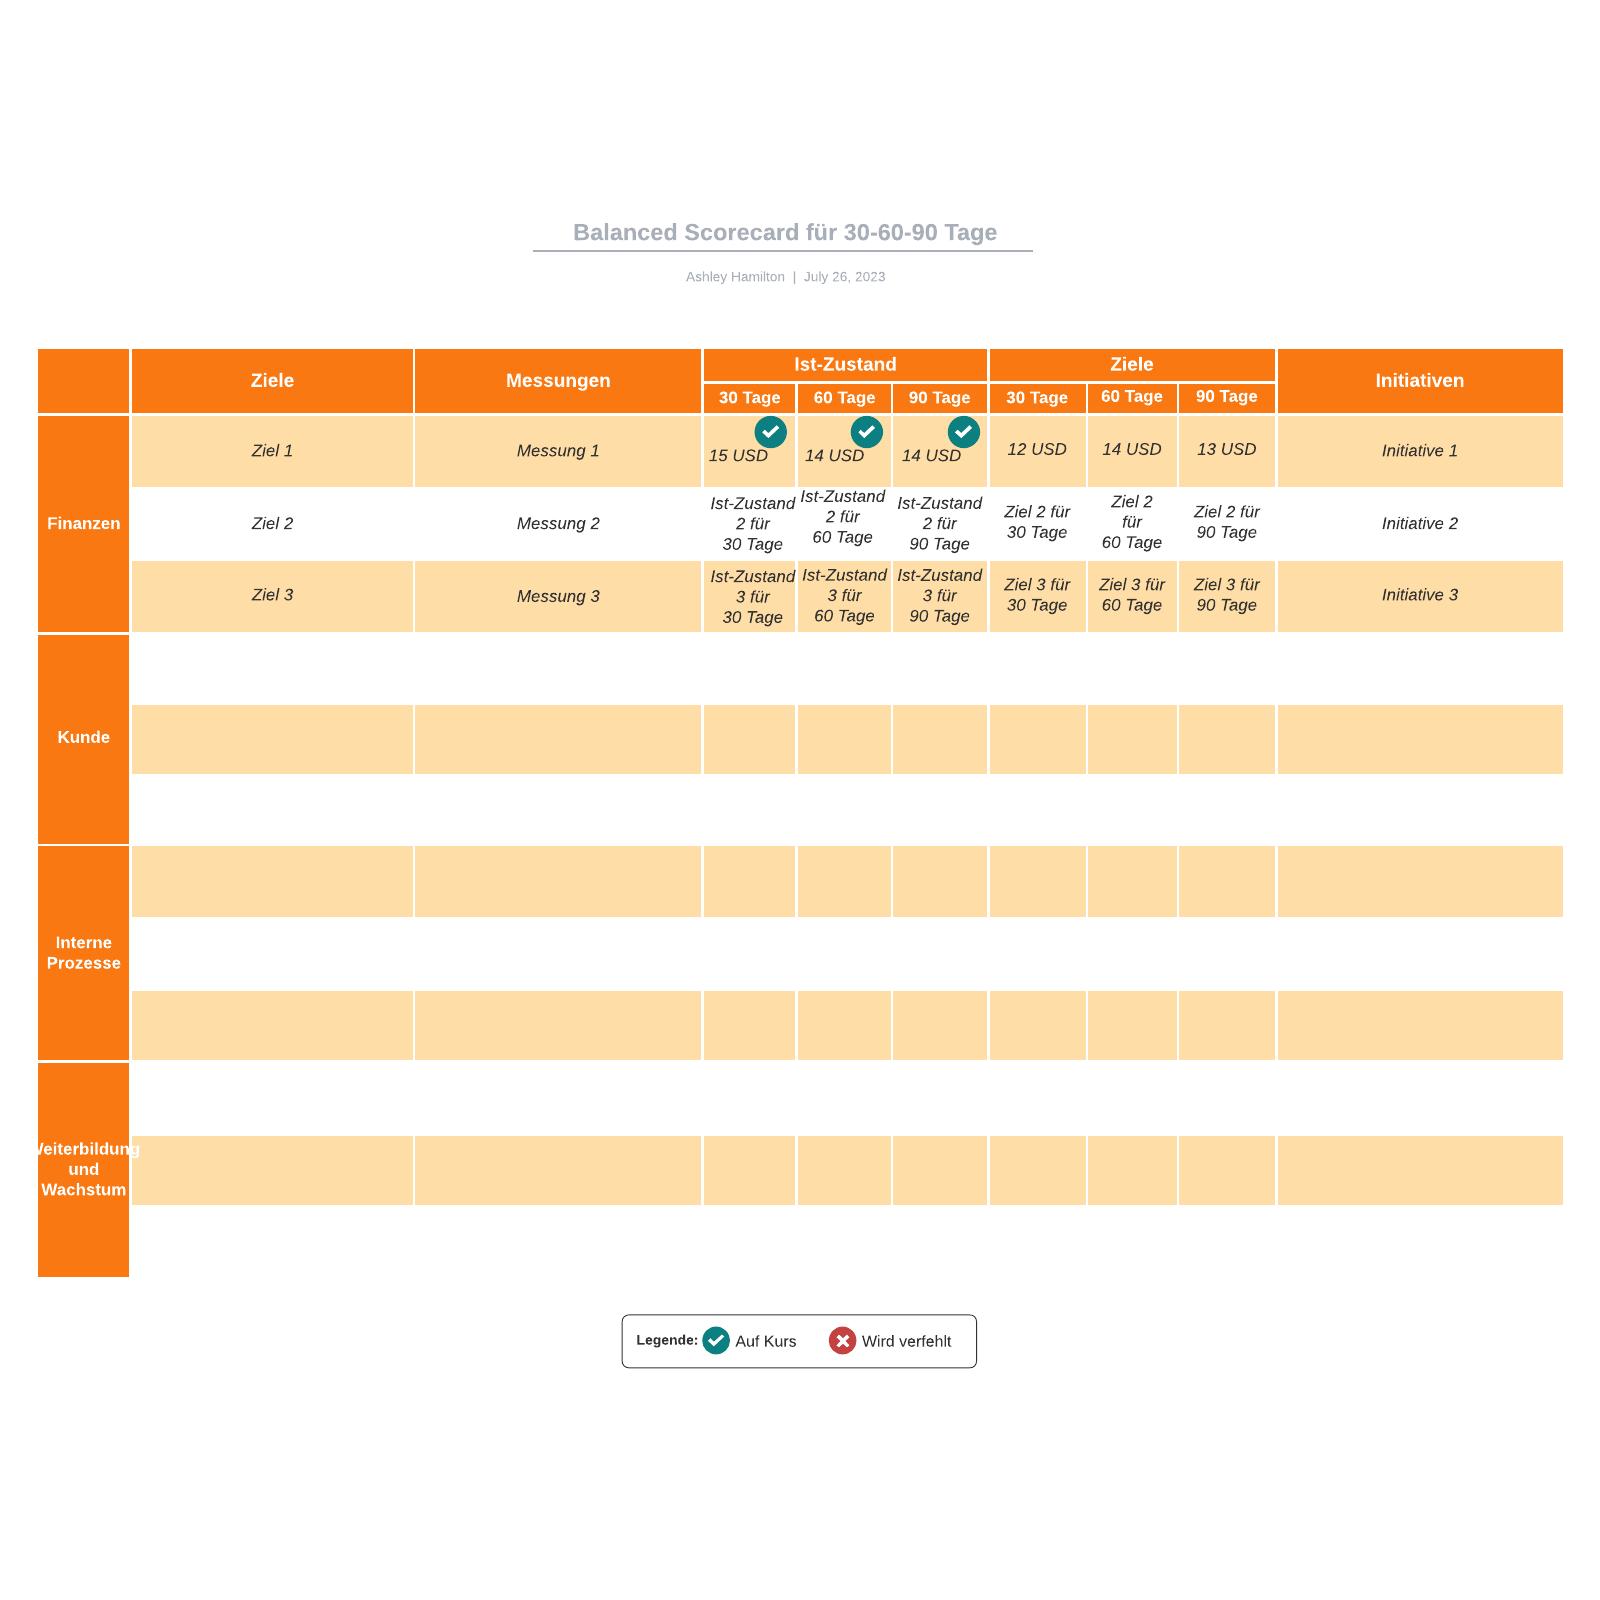 Balanced Scorecard für 30-60-90Tage